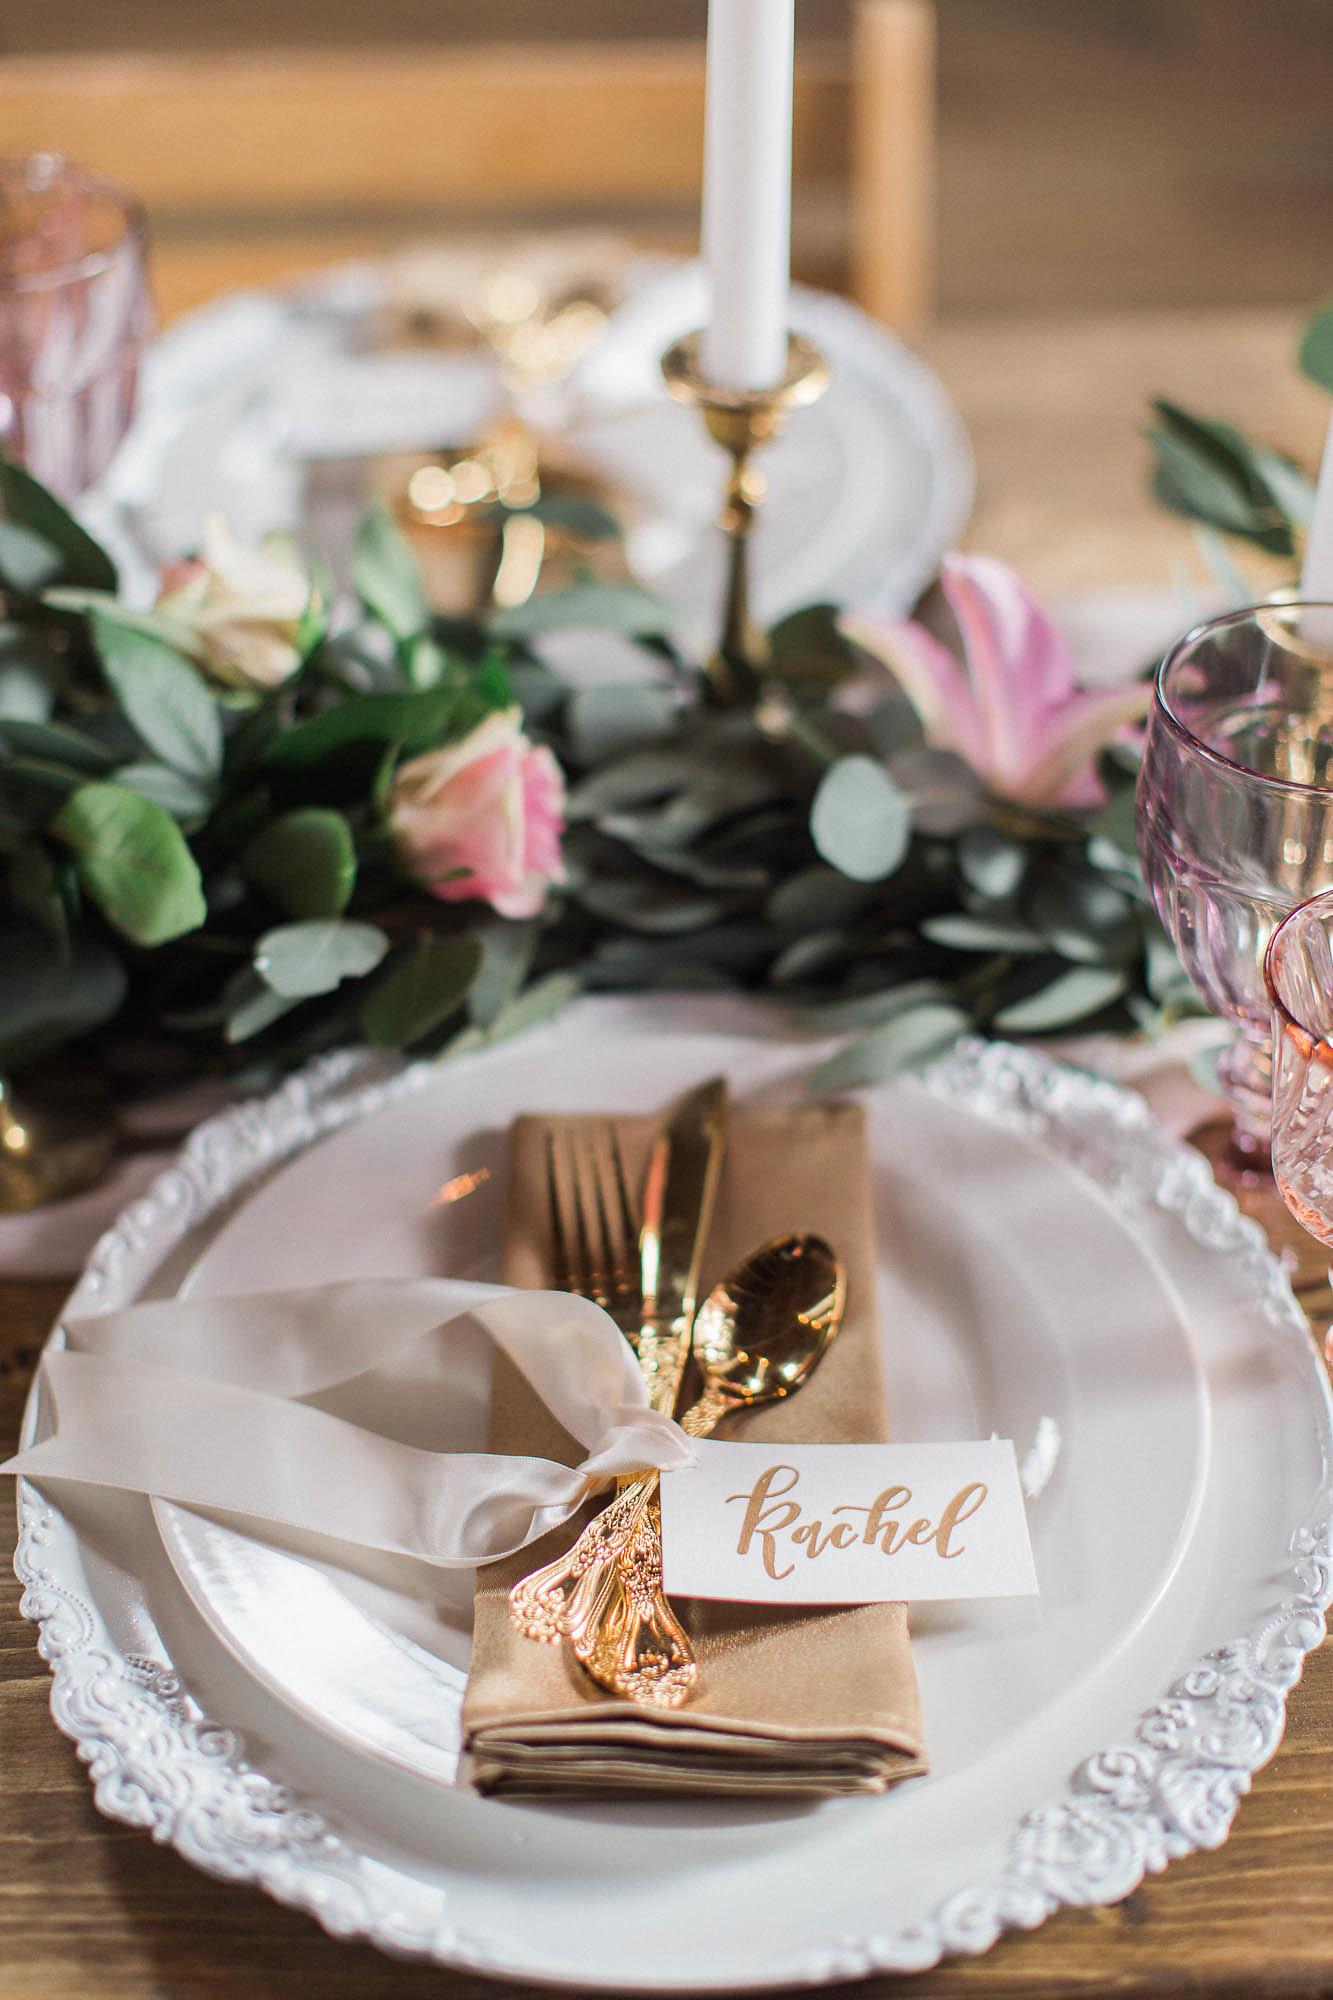 HandmadeDarling_BridePlacecard.jpg